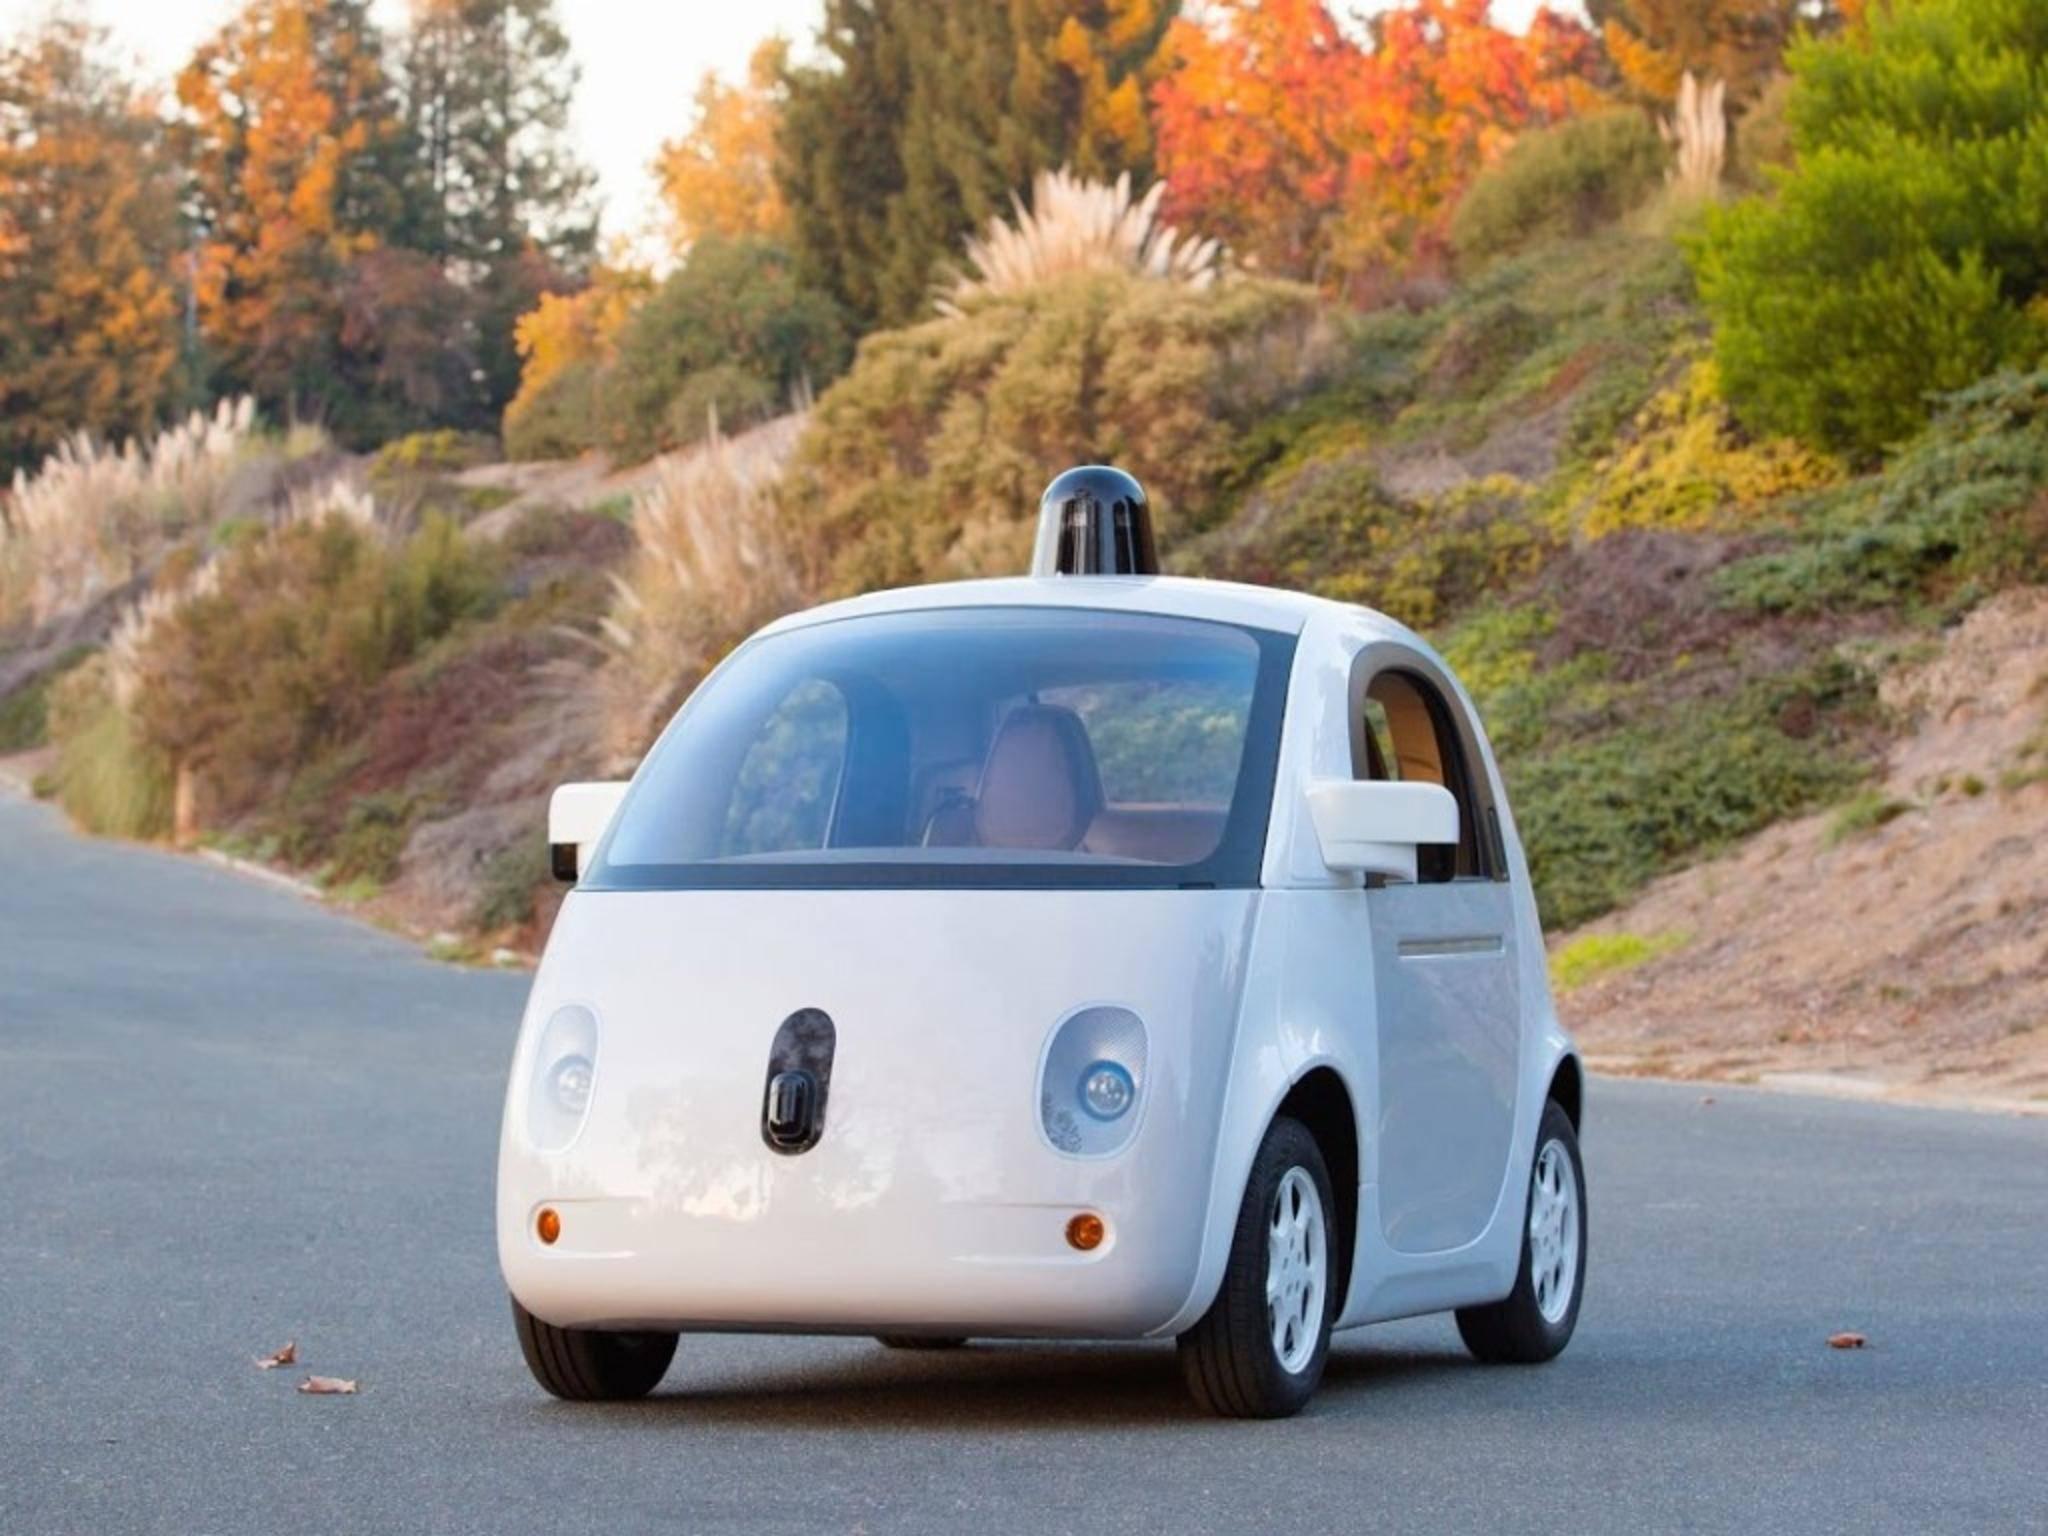 Süß statt stylish: Google geht beim Design des selbstfahrenden Autos ungewöhnliche Wege.